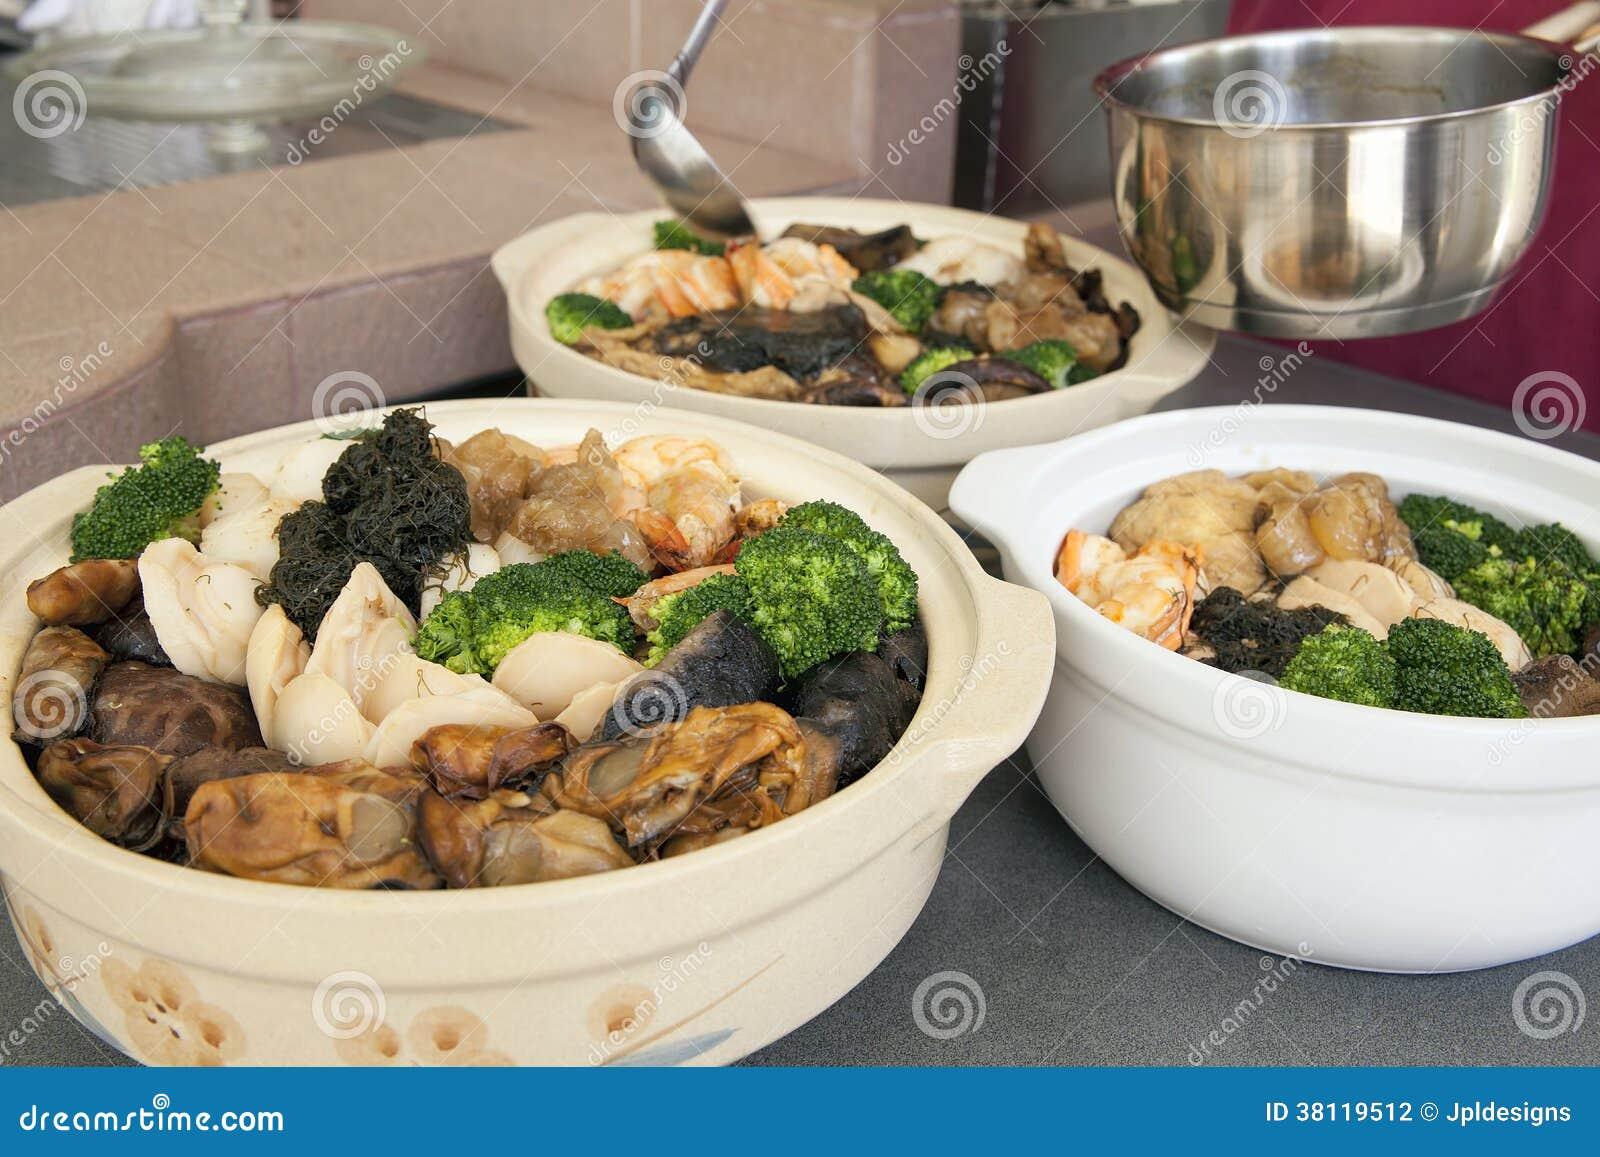 Preparación de Poon Choi Cantonese Big Feast Bowls